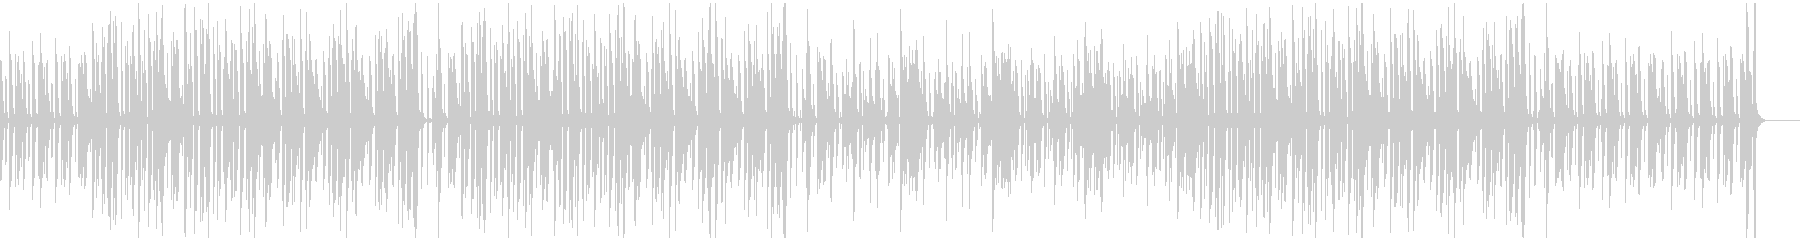 【ザ・ほのぼの】リコーダー&ピアノの未再生の波形